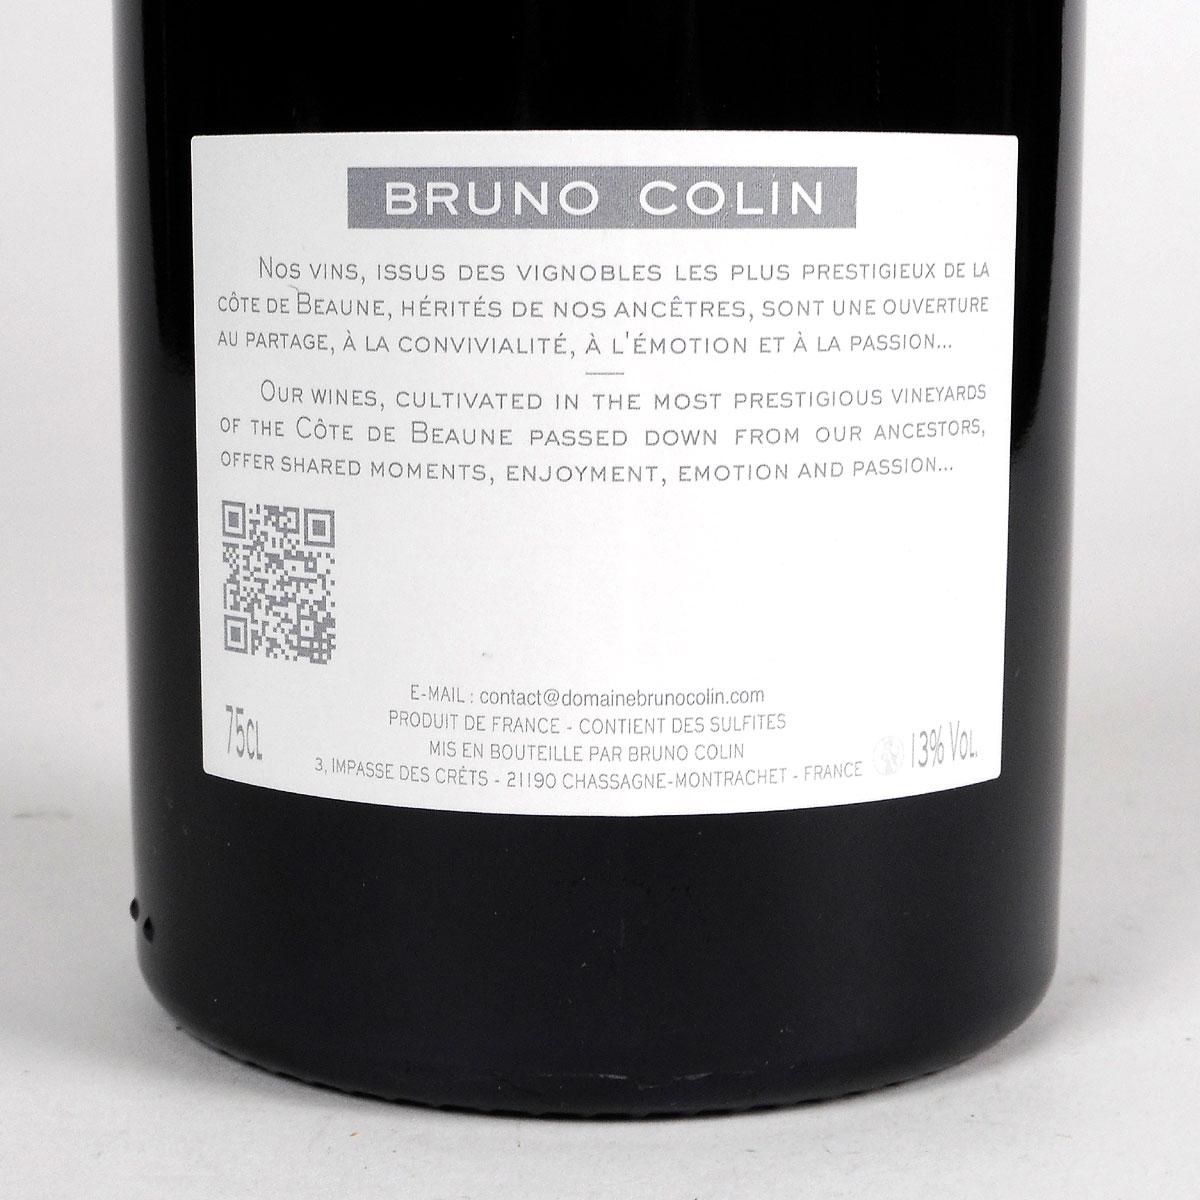 Santenay: Domaine Bruno Colin 'Vieilles Vignes' 2018 - Bottle Rear Label